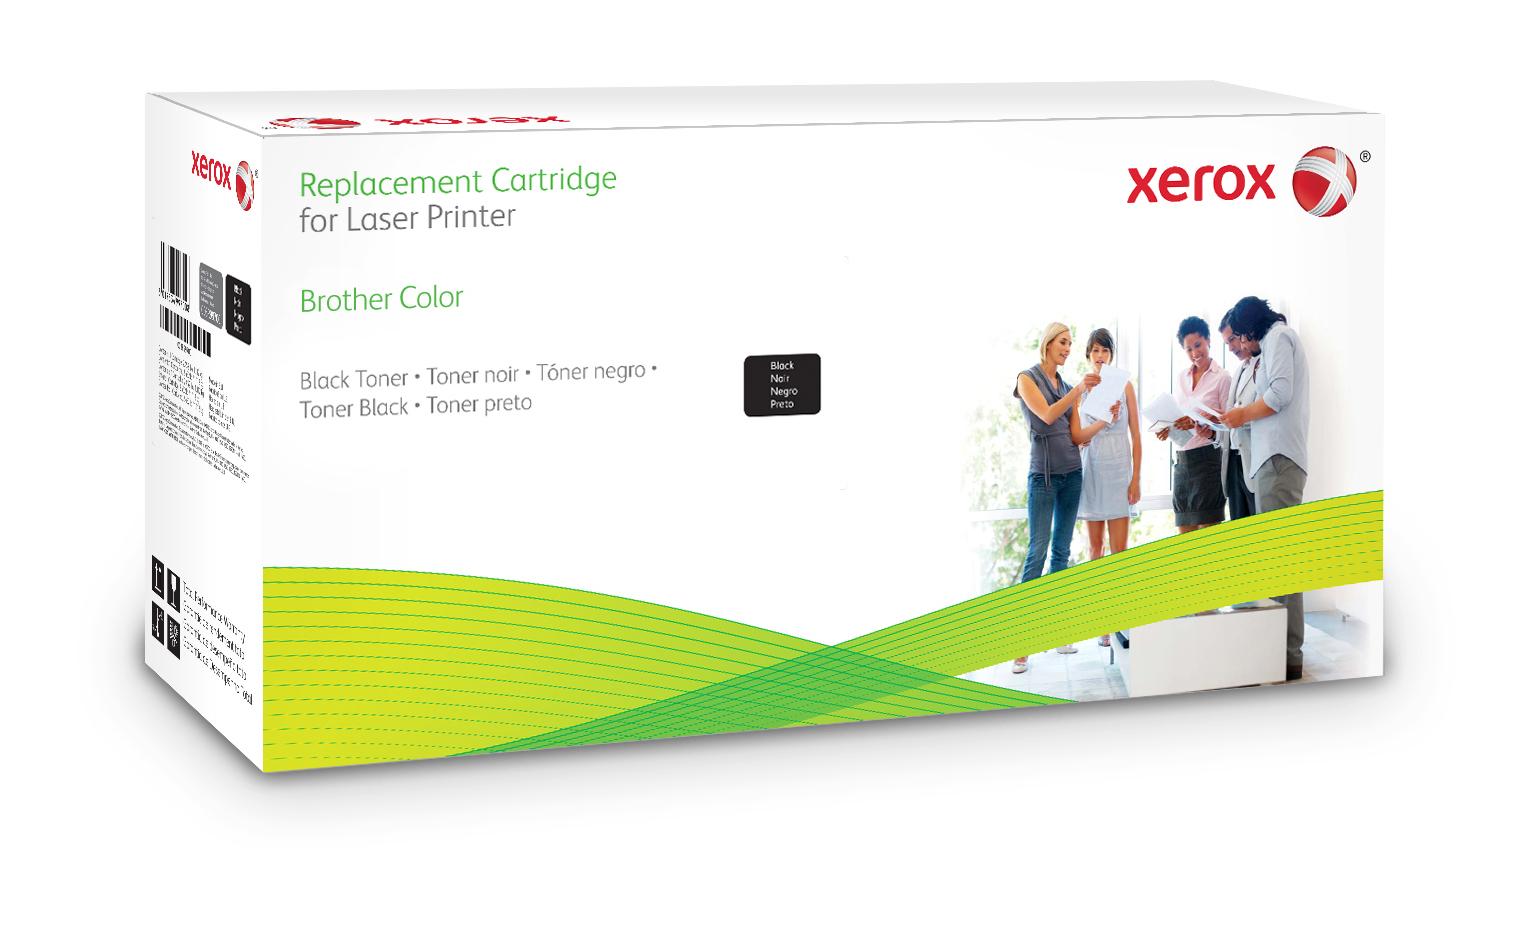 Xerox Cartucho de tóner negro. Equivalente a Brother TN2320. Compatible con Brother DCP-L2500, DCP-L2520, DCP-L2540, DCP-L2560, HL-L2300, L2340, L2360, L2365, MFC-L2700, L2720, L2740